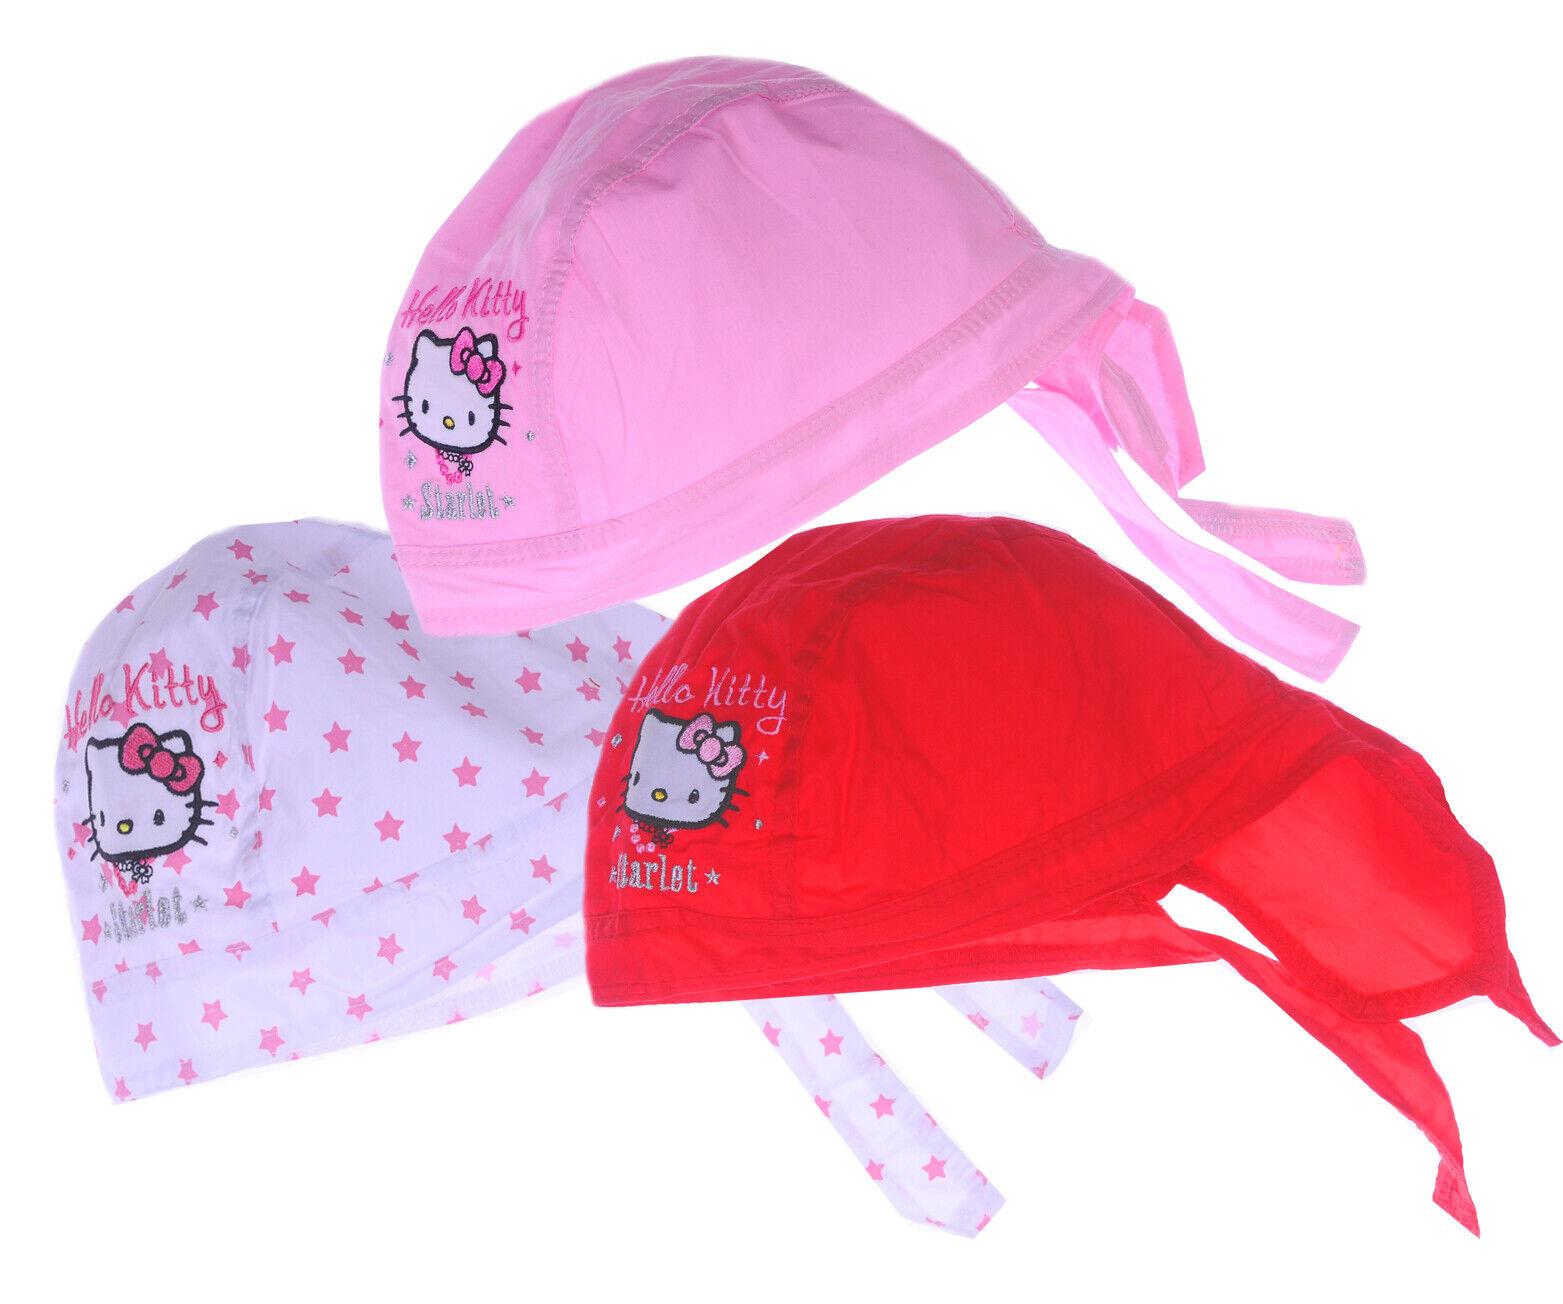 Mütze Sonnenschutz pink weiss rosa Größe 48-52 für Mädchen Kopfbedeckung